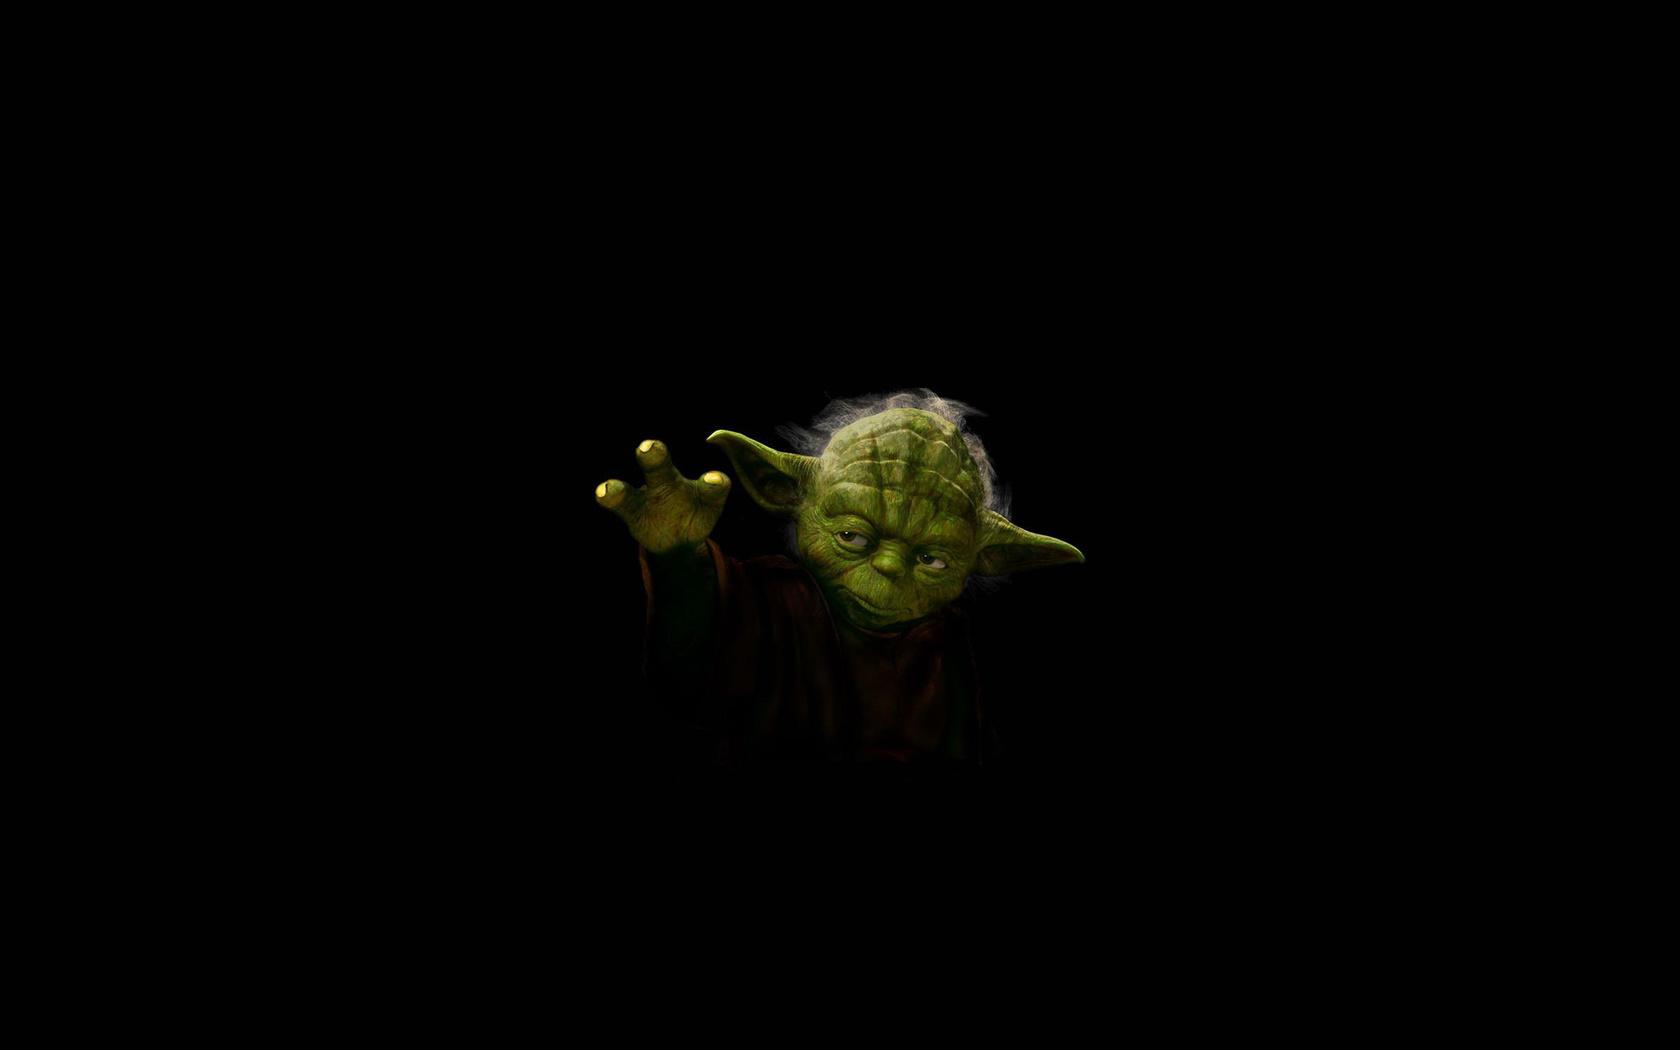 зеленый, yoda, Йода, жест, джедай, магистр